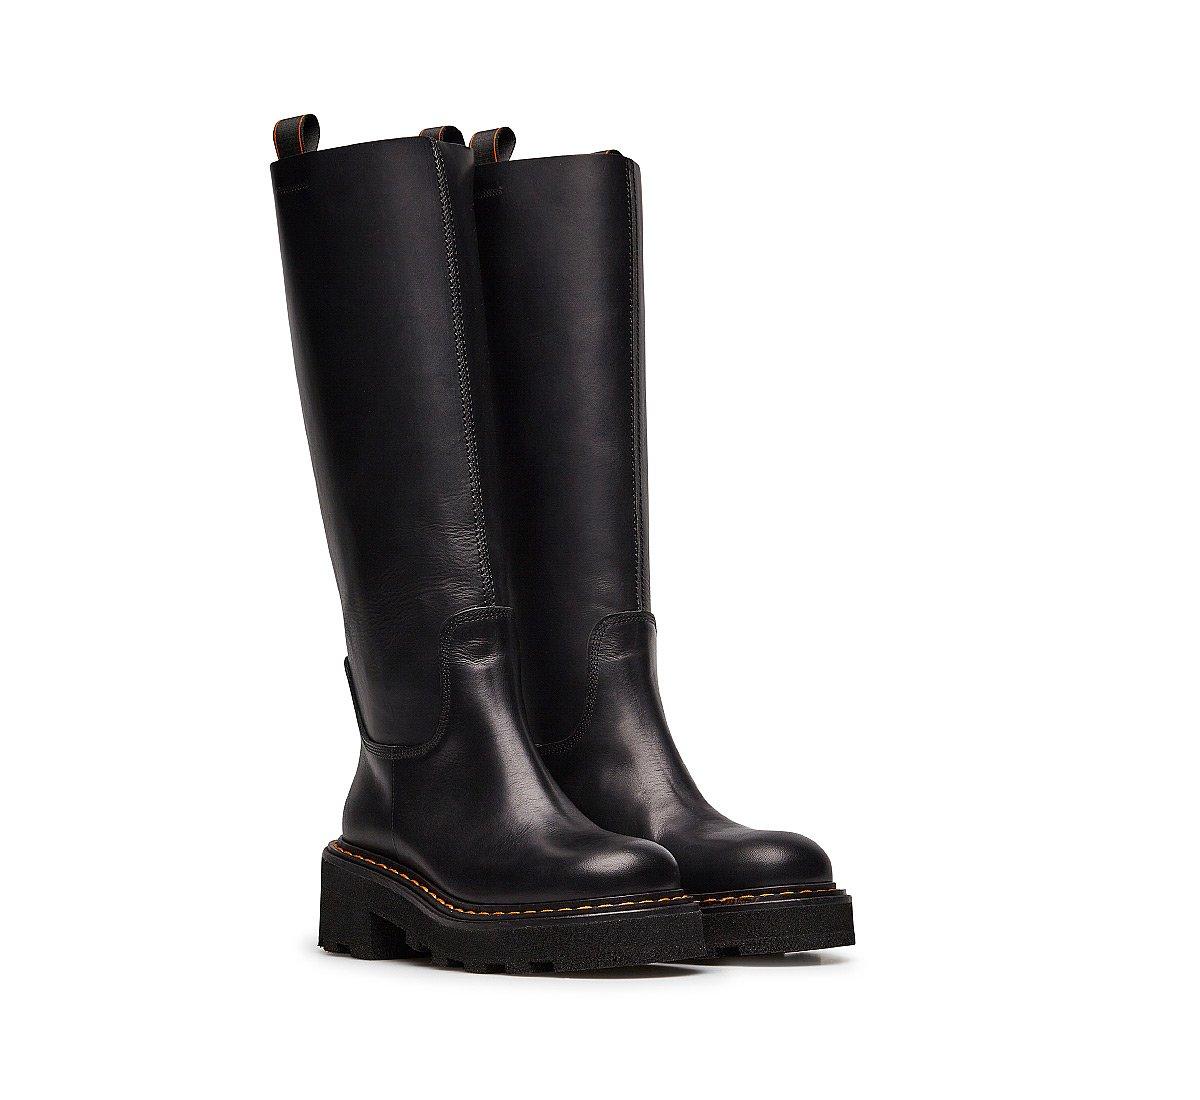 Barracuda fine calfskin boots